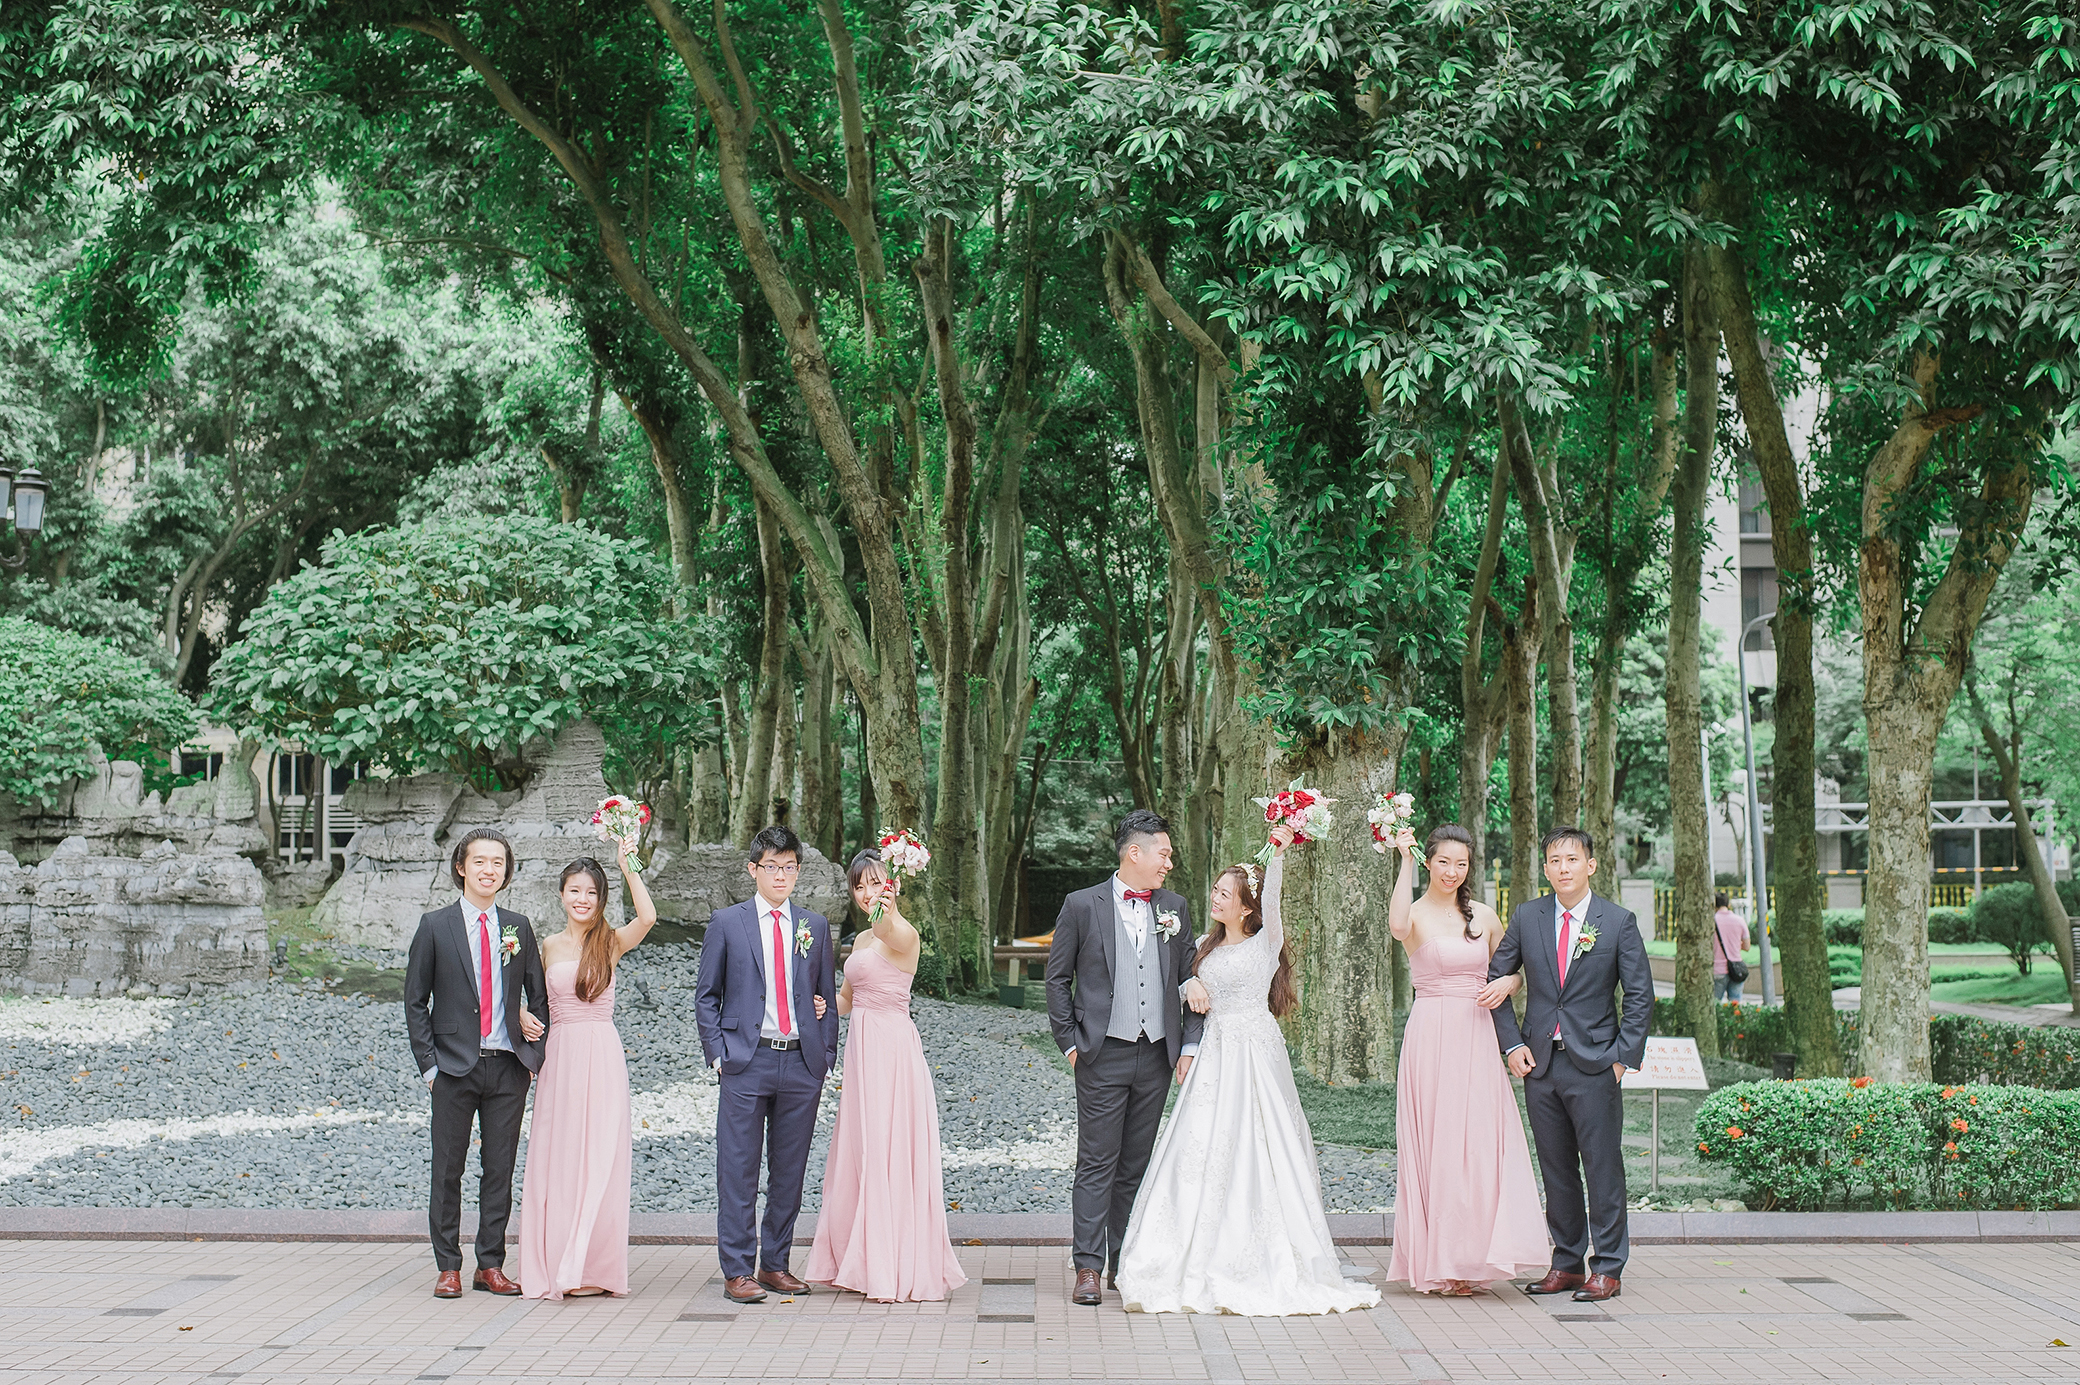 nickchang-wedding-%e5%af%92%e8%88%8d%e8%89%be%e9%ba%97-fineart-43